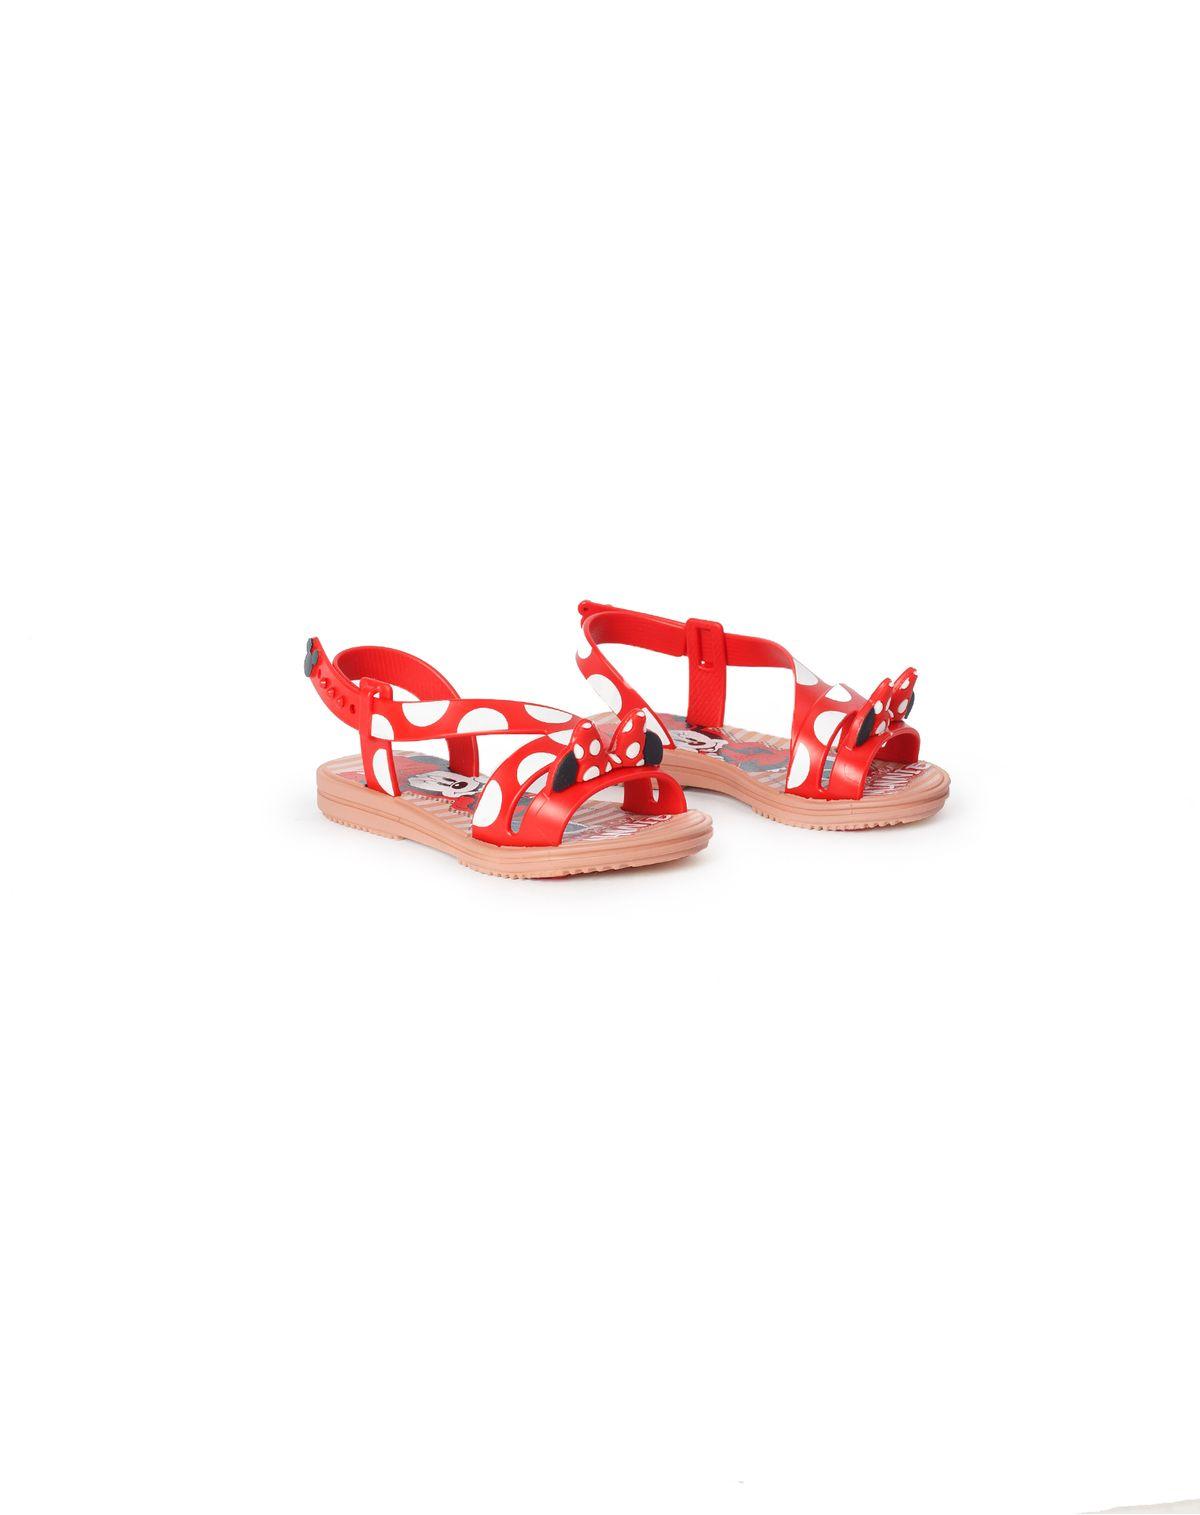 574192007-sandalia-infantil-menina-minnie-mouse-grendene-kids-disney-rosa-vermelho-31-fe1